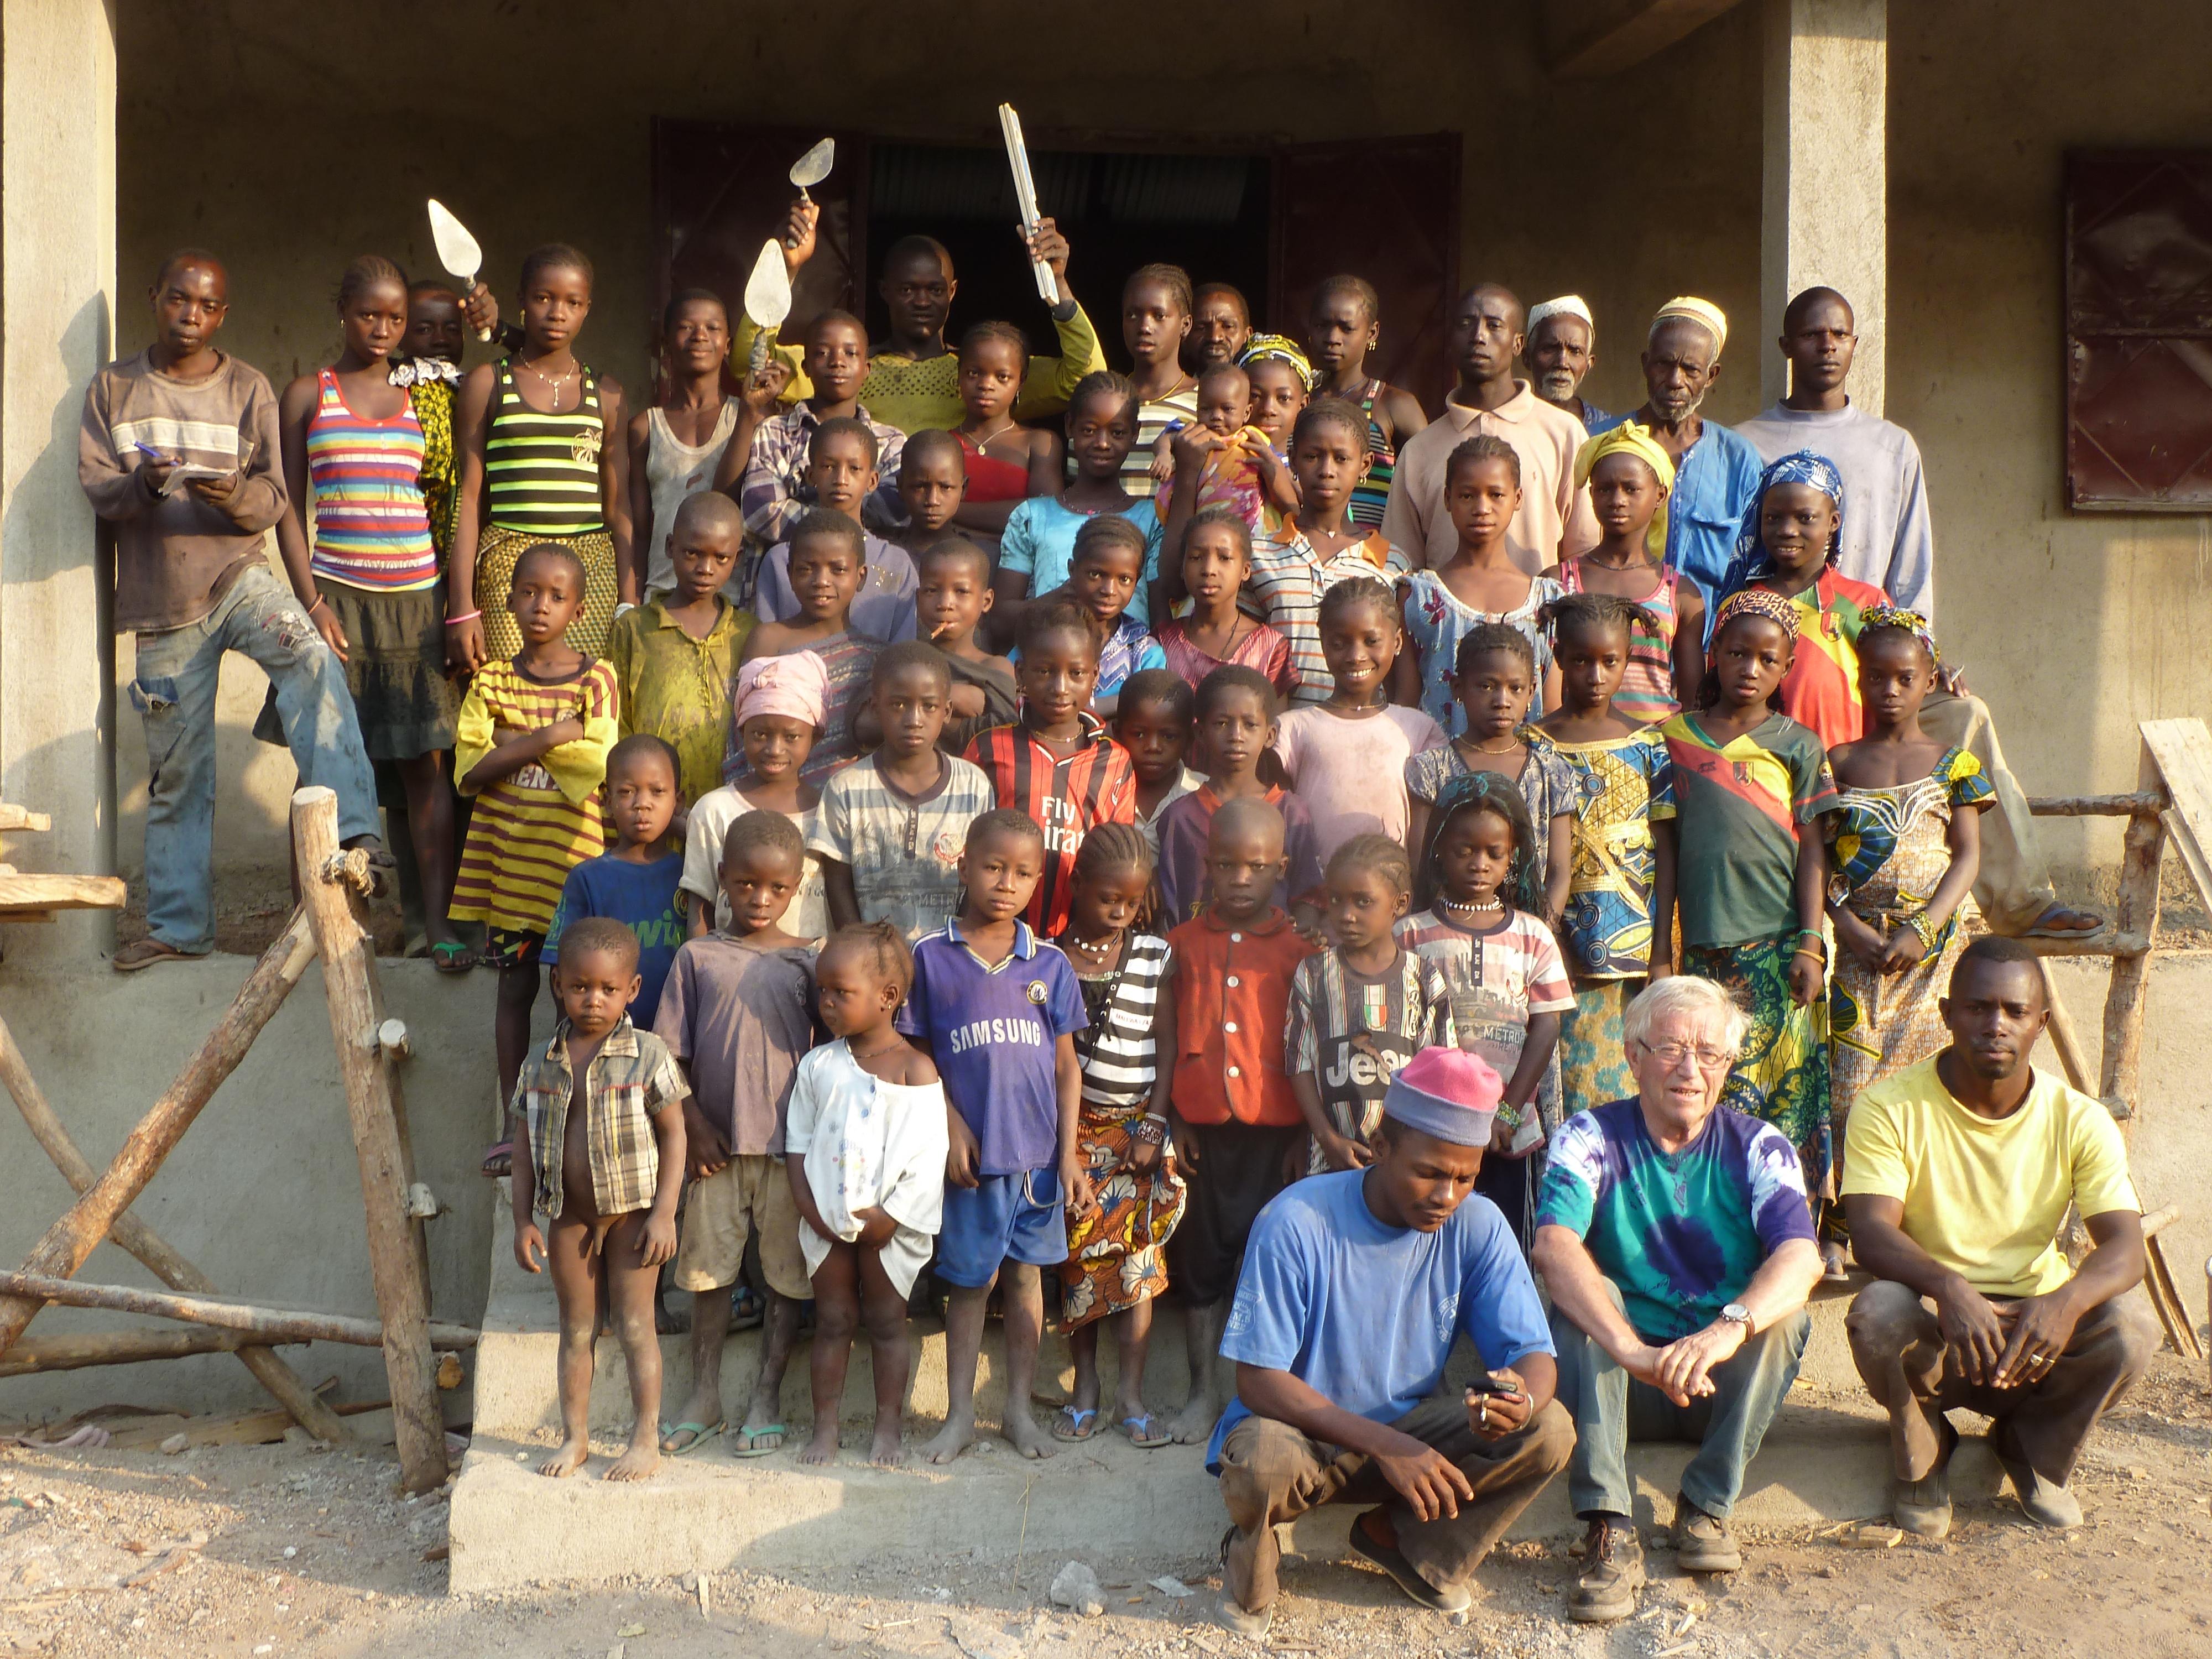 Les enfants devant leur école. Photo M Laurans